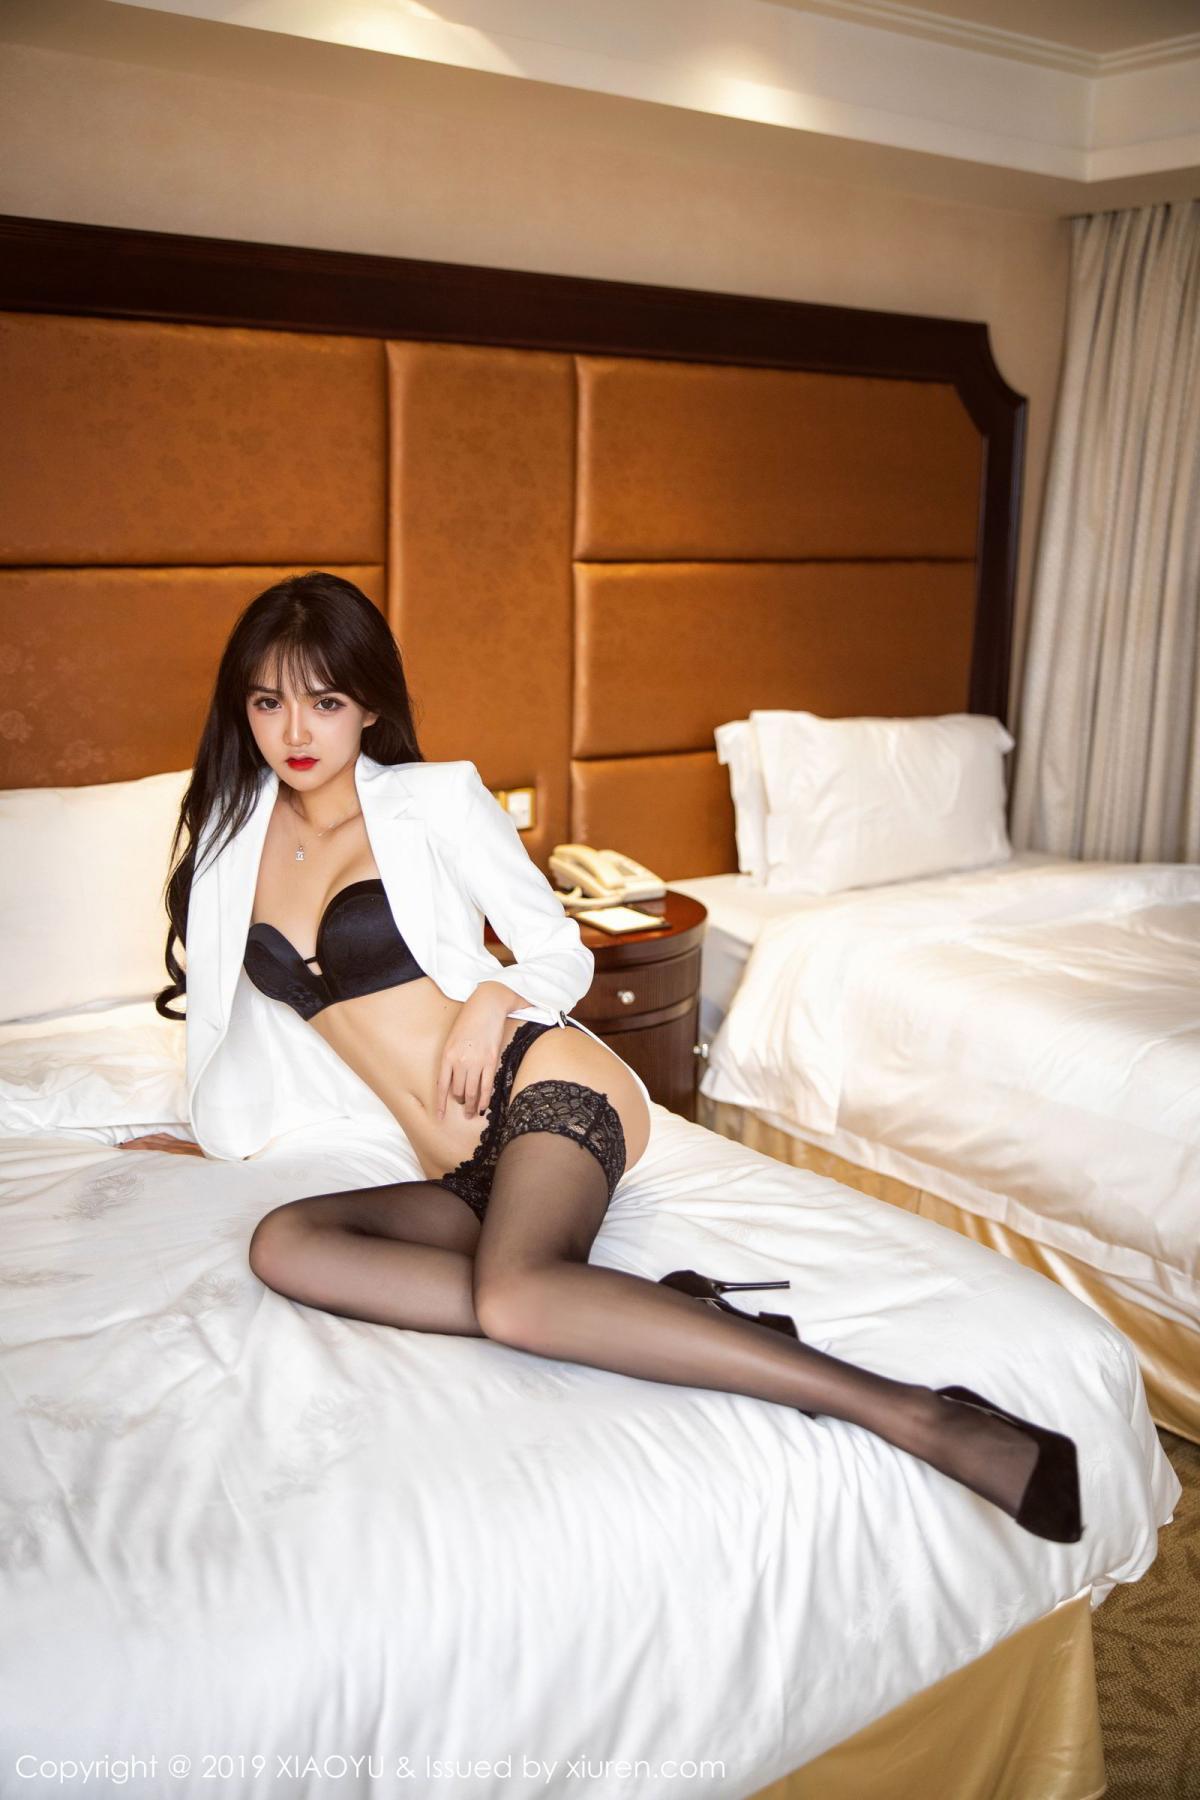 [XiaoYu] Vol.200 Miko Jiang 28P, Miko Jiang, Slim, Tall, Underwear, XiaoYu